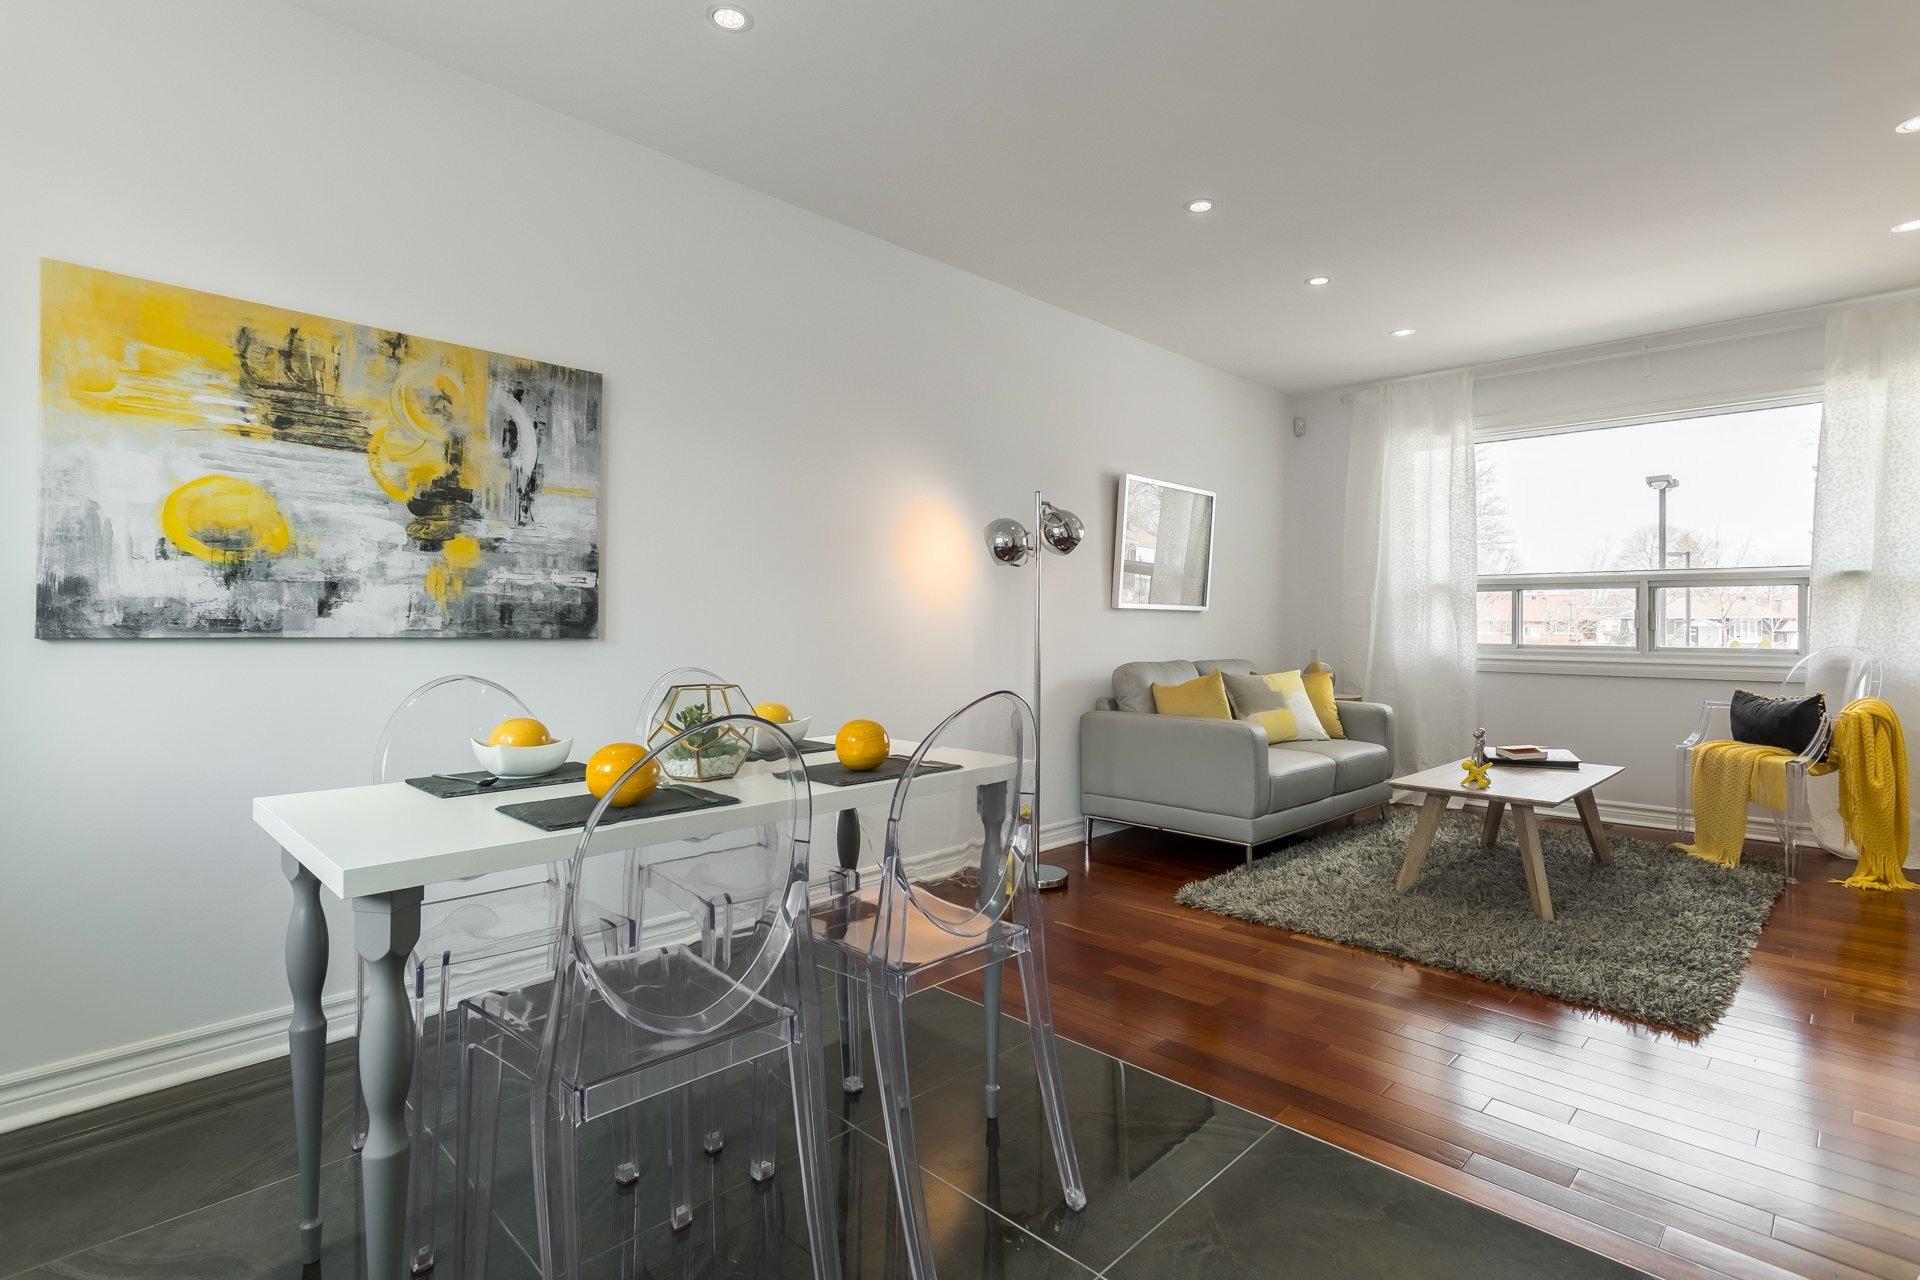 image 4 - House For sale Montréal Rosemont/La Petite-Patrie  - 6 rooms